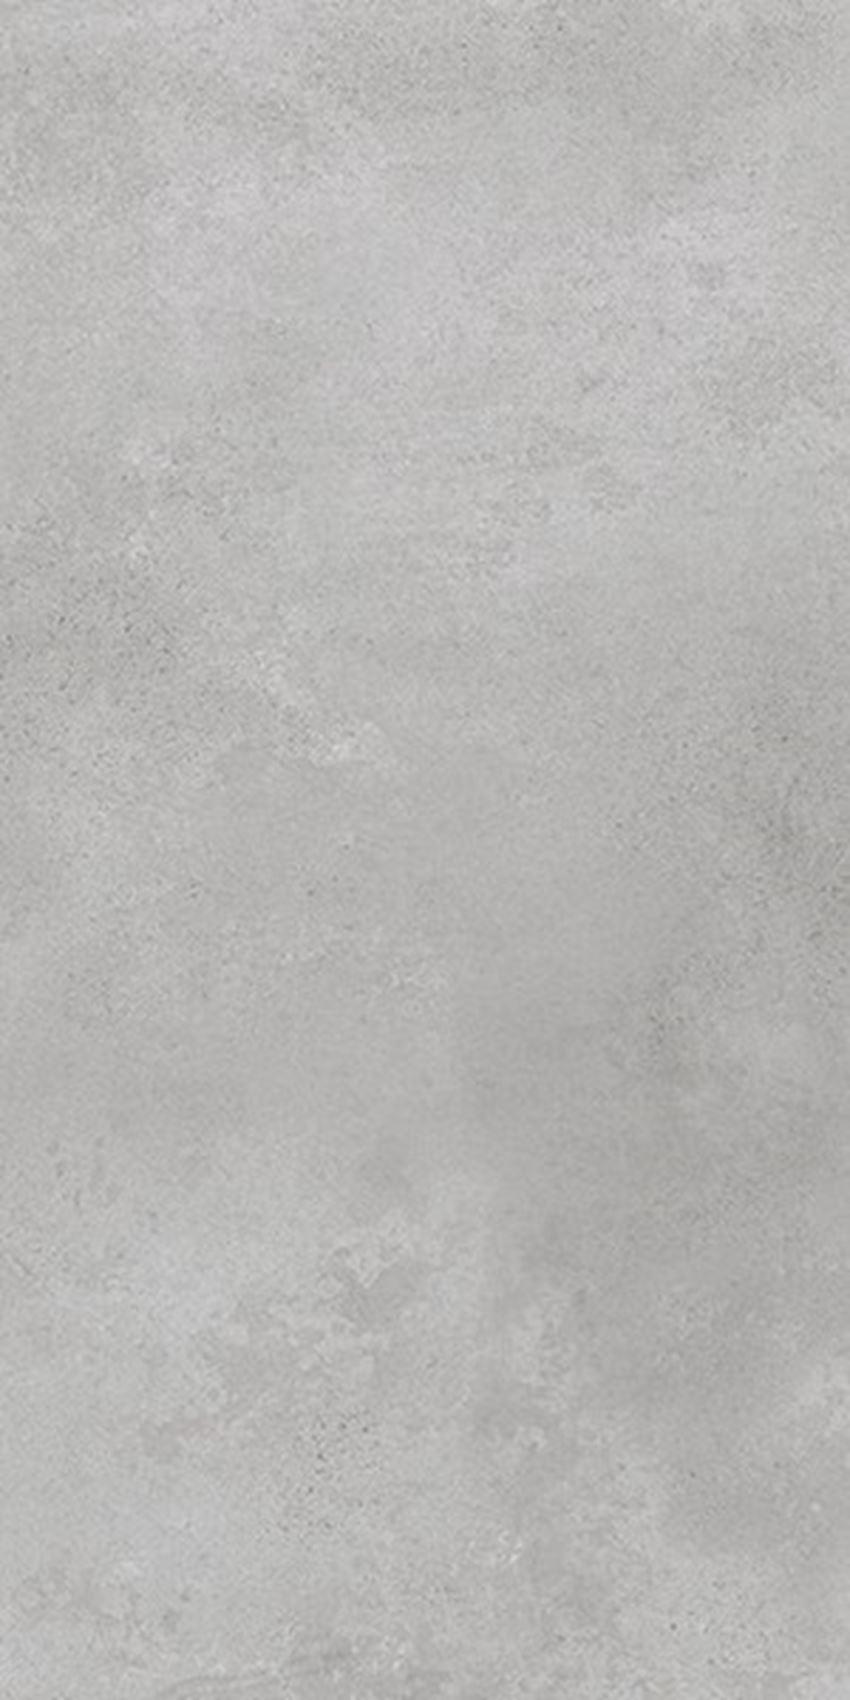 Płytka ścienno-podłogowa natura 29,7x59,7 cm Nowa Gala Mirador